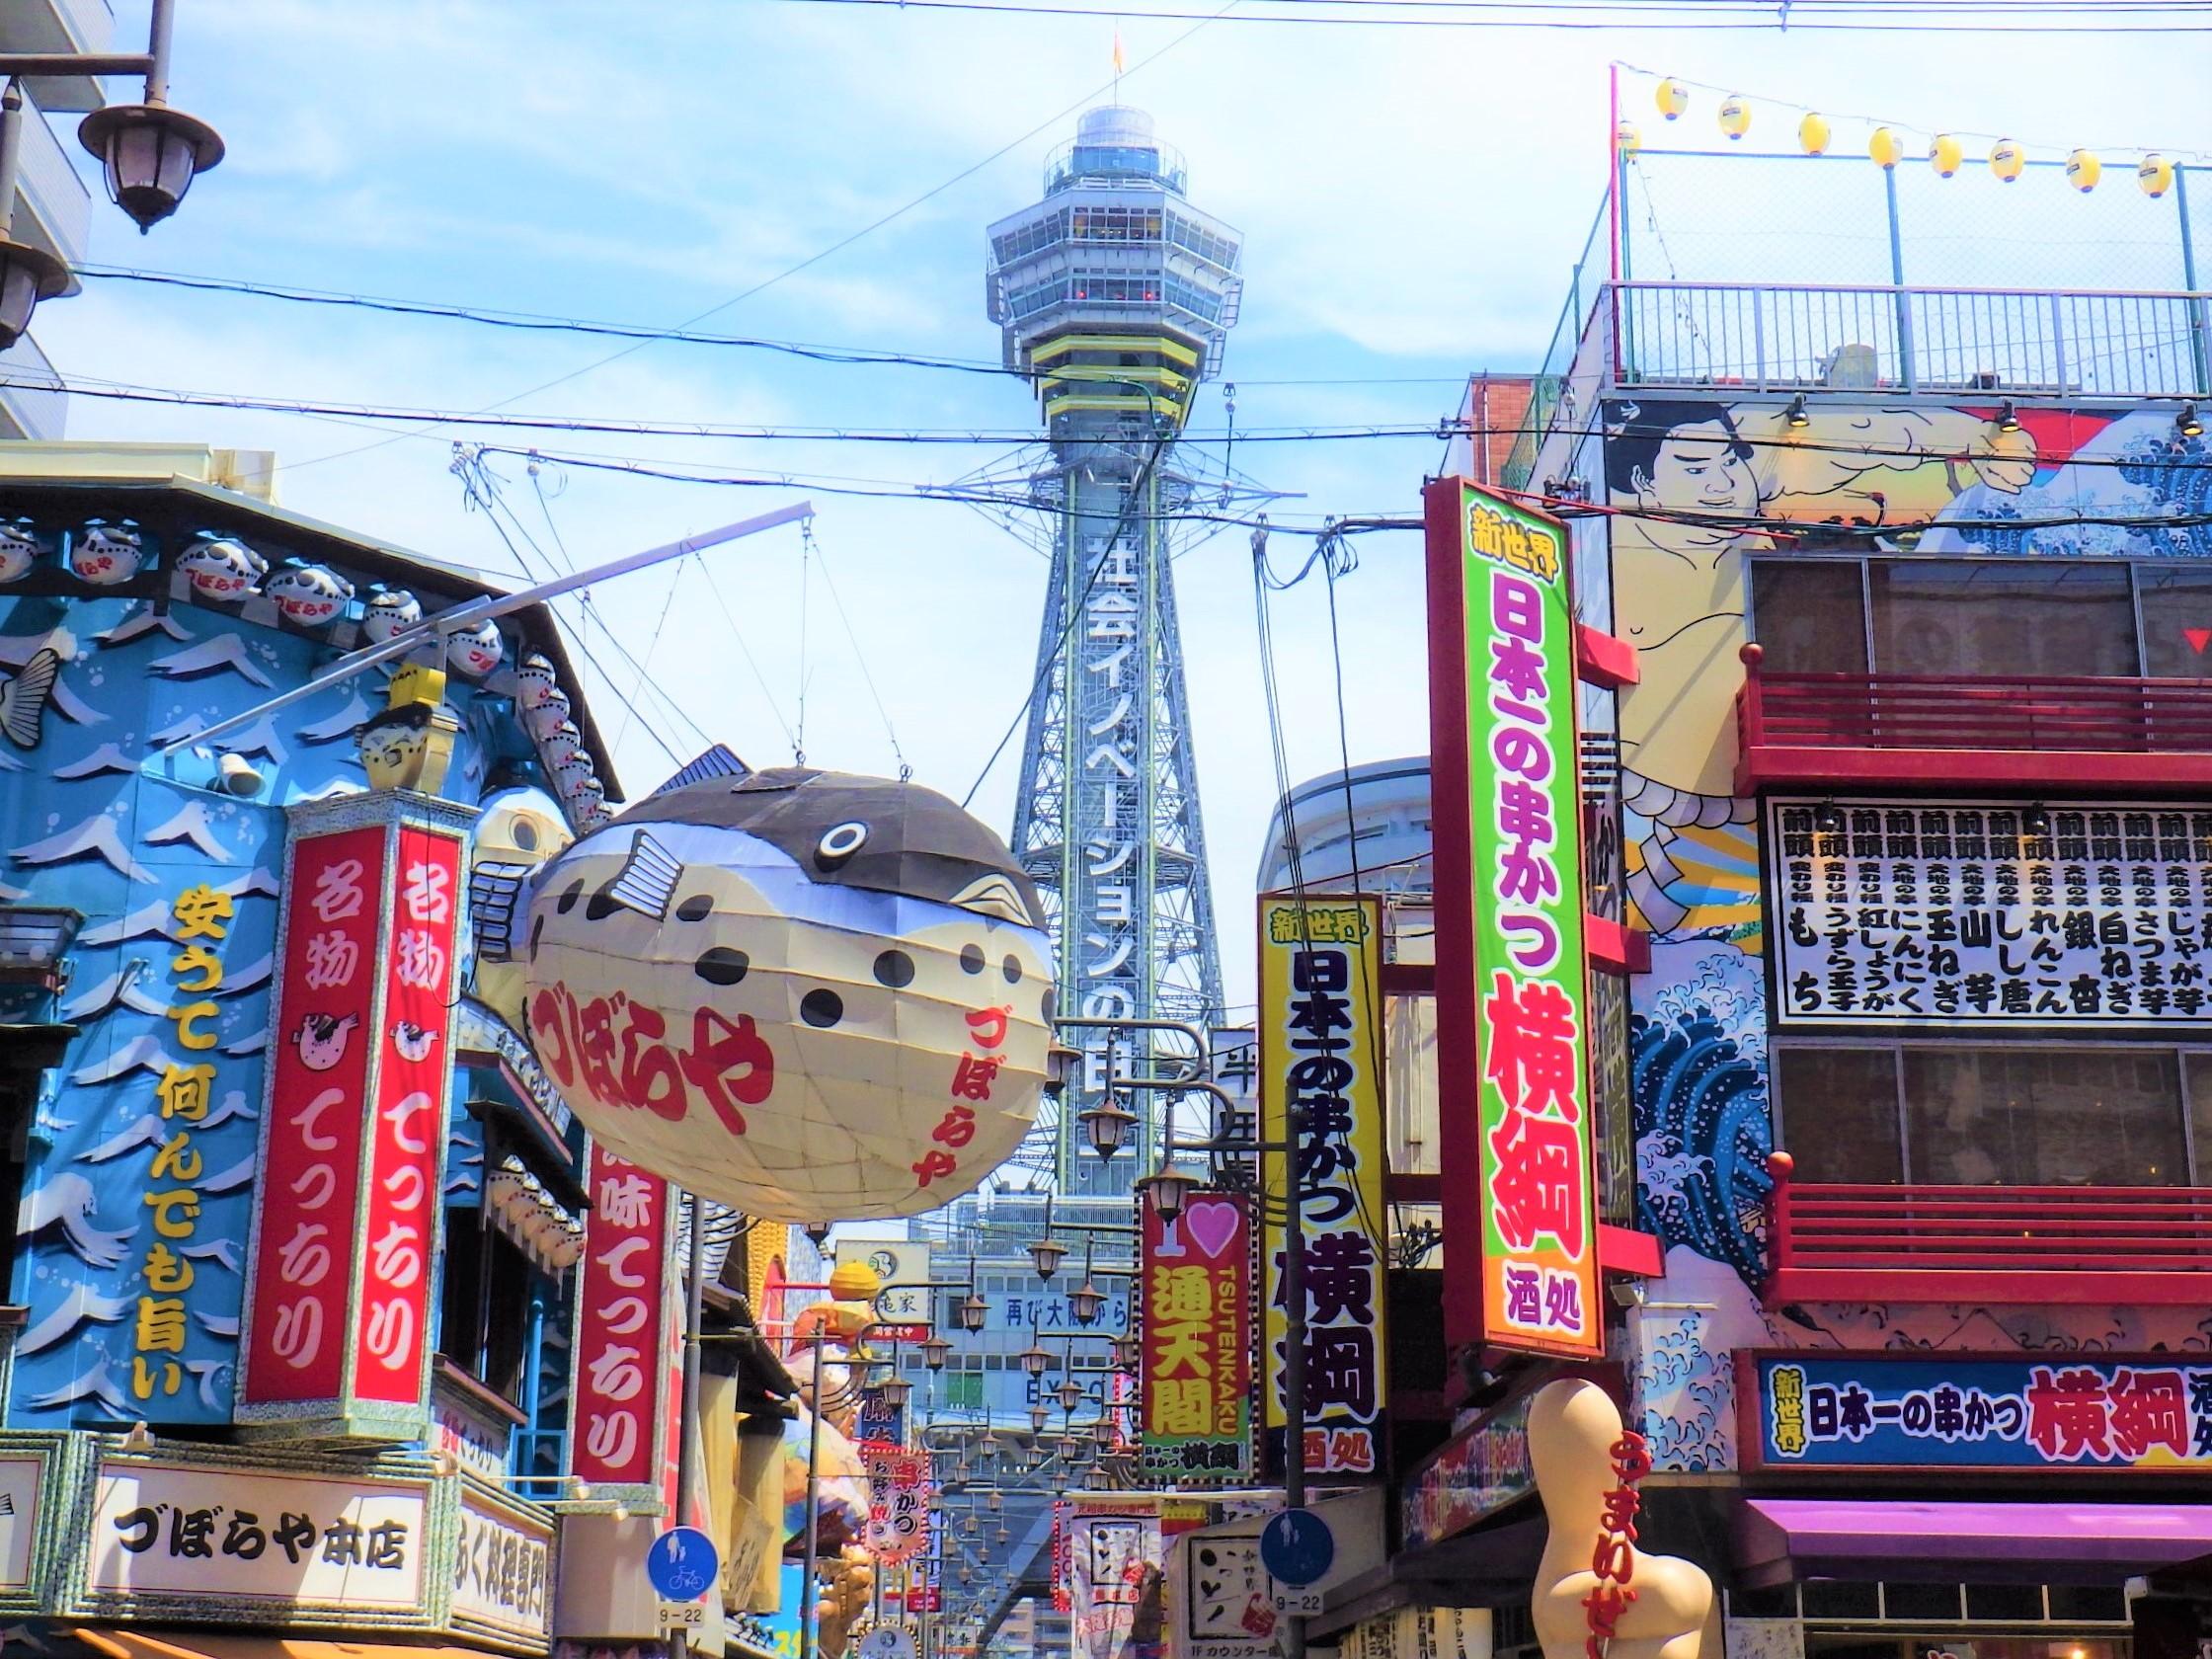 東京 大阪 新幹線 終電